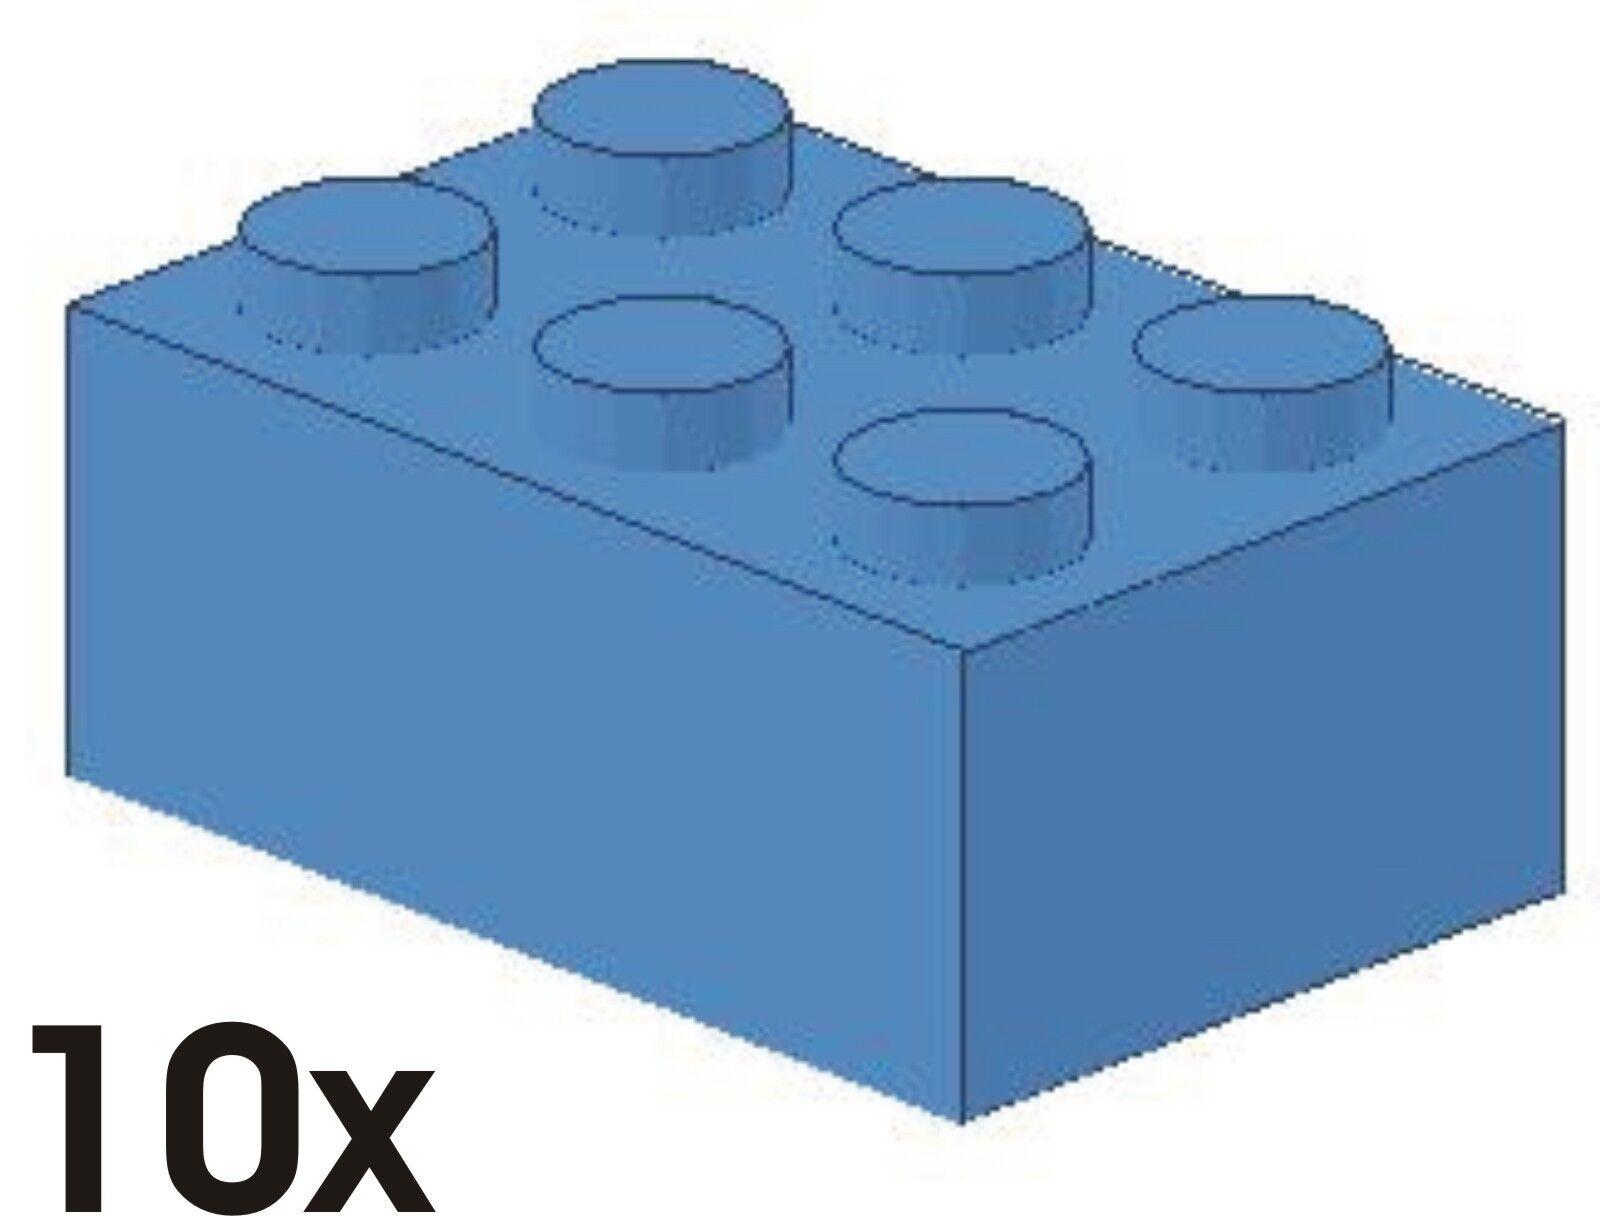 10 pièce nouvelle 2x3 pierres dans neuf-bleu clair 4210130 (art. 3002) | Art Exquis